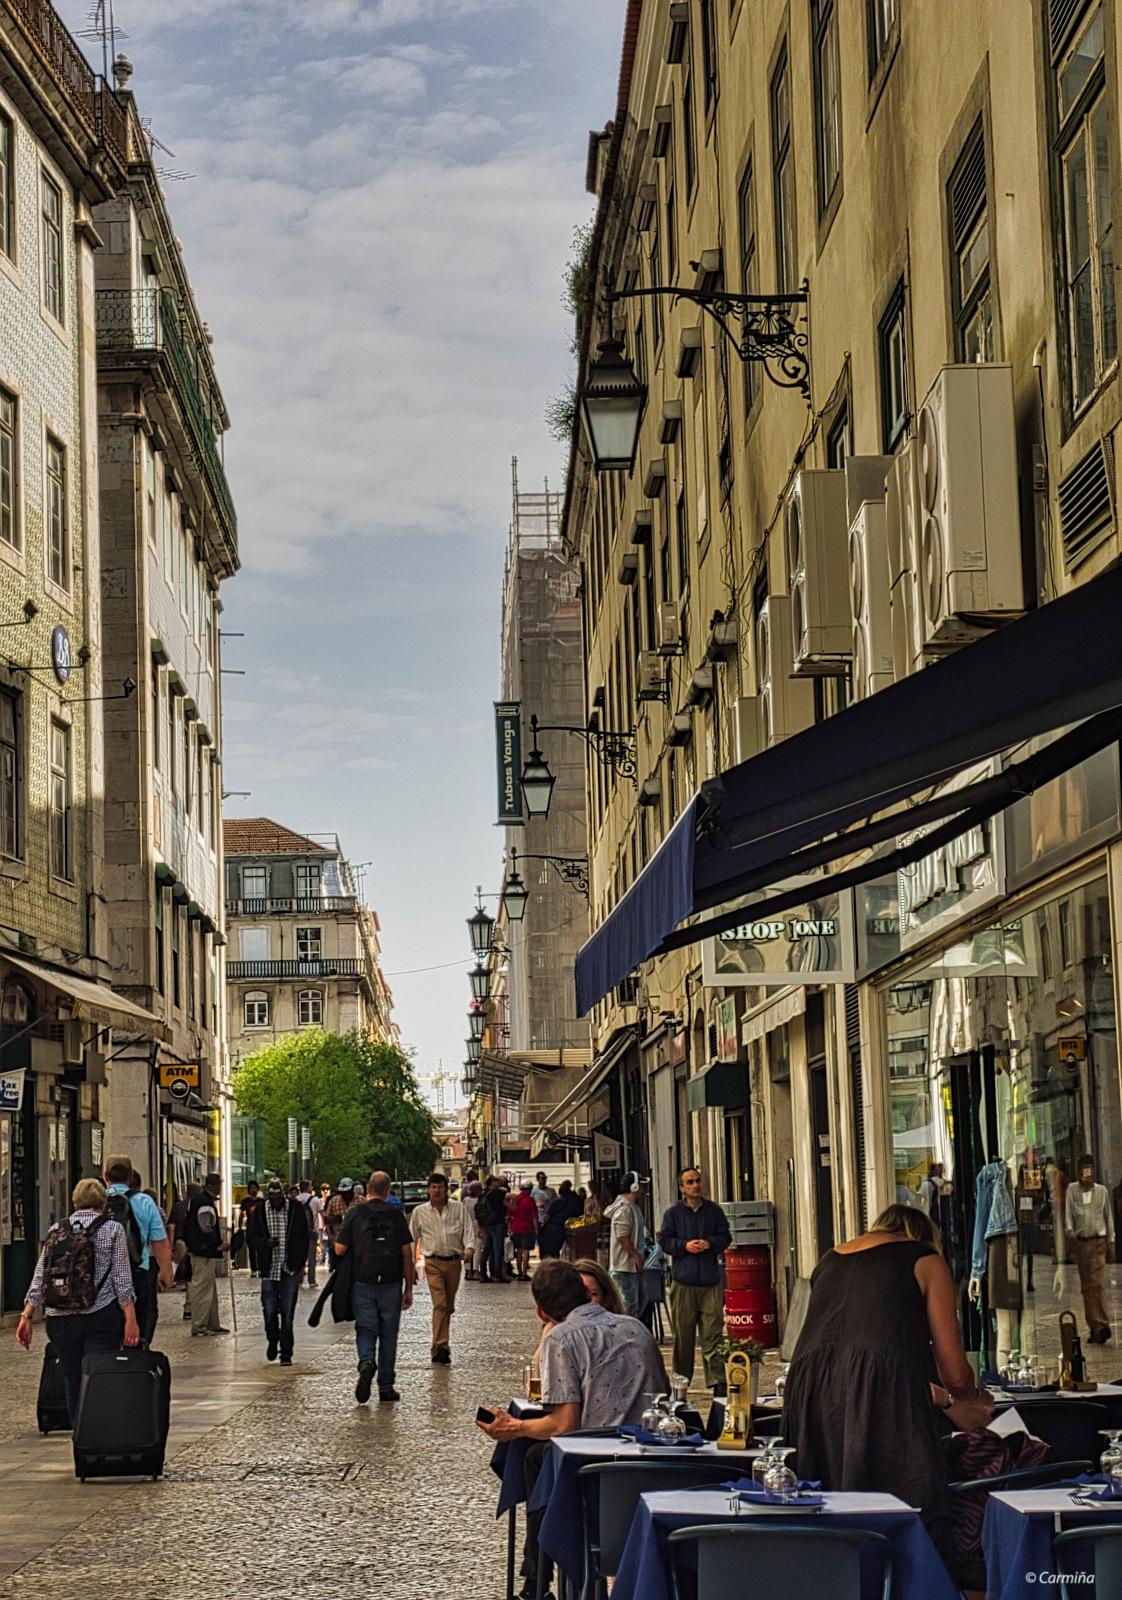 Una calle de Lisboa II by carmina.waterstone